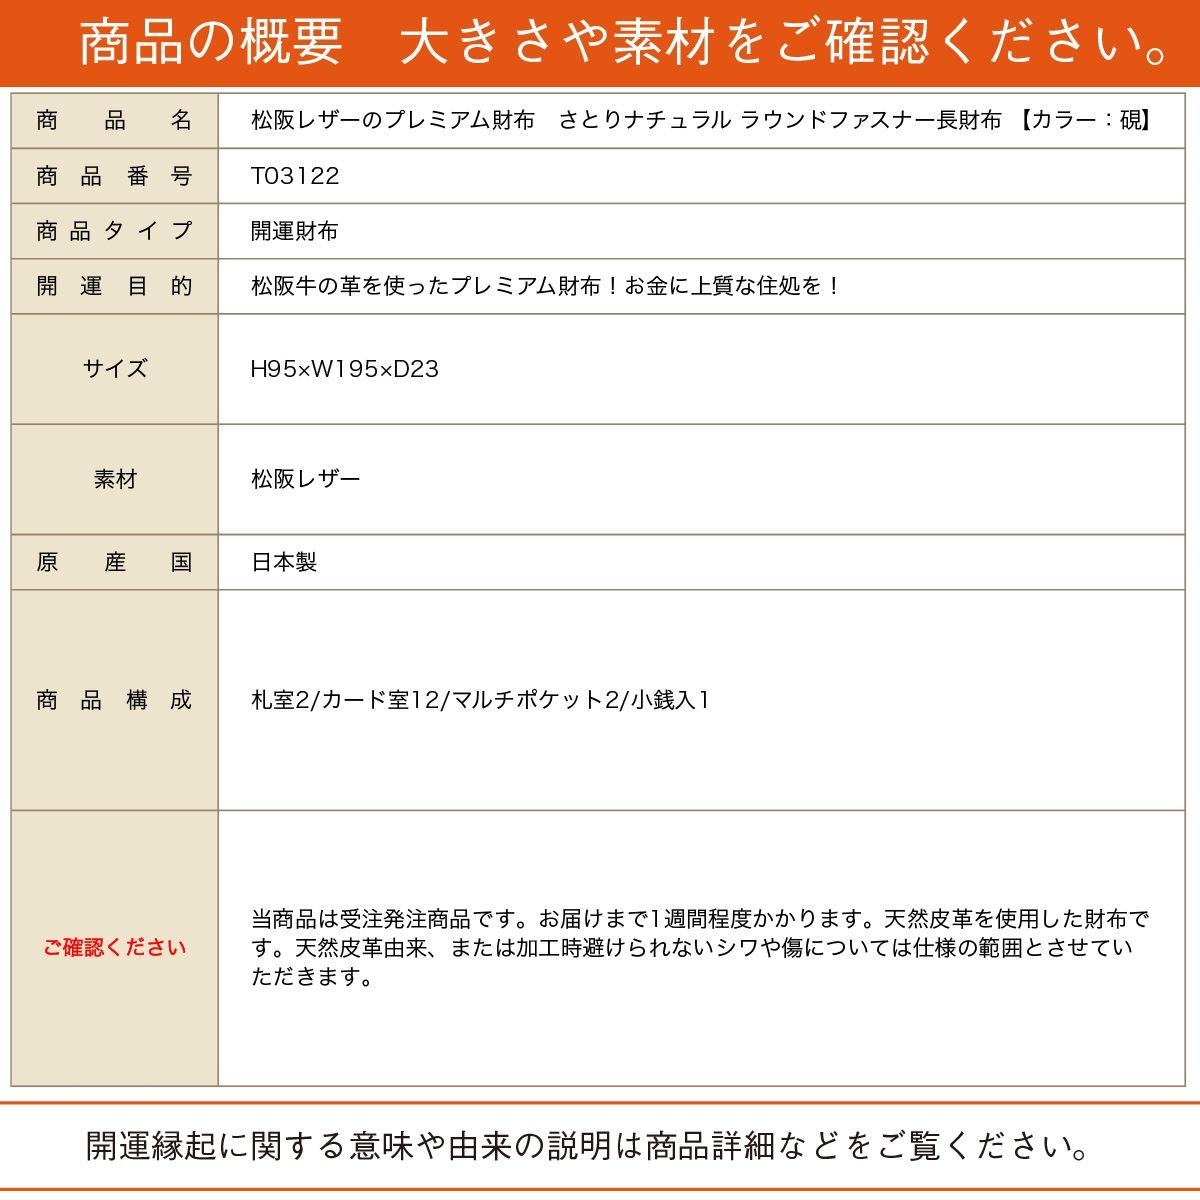 松阪レザーのプレミアム財布 さとりナチュラル ラウンドファスナー長財布 【カラー:硯】